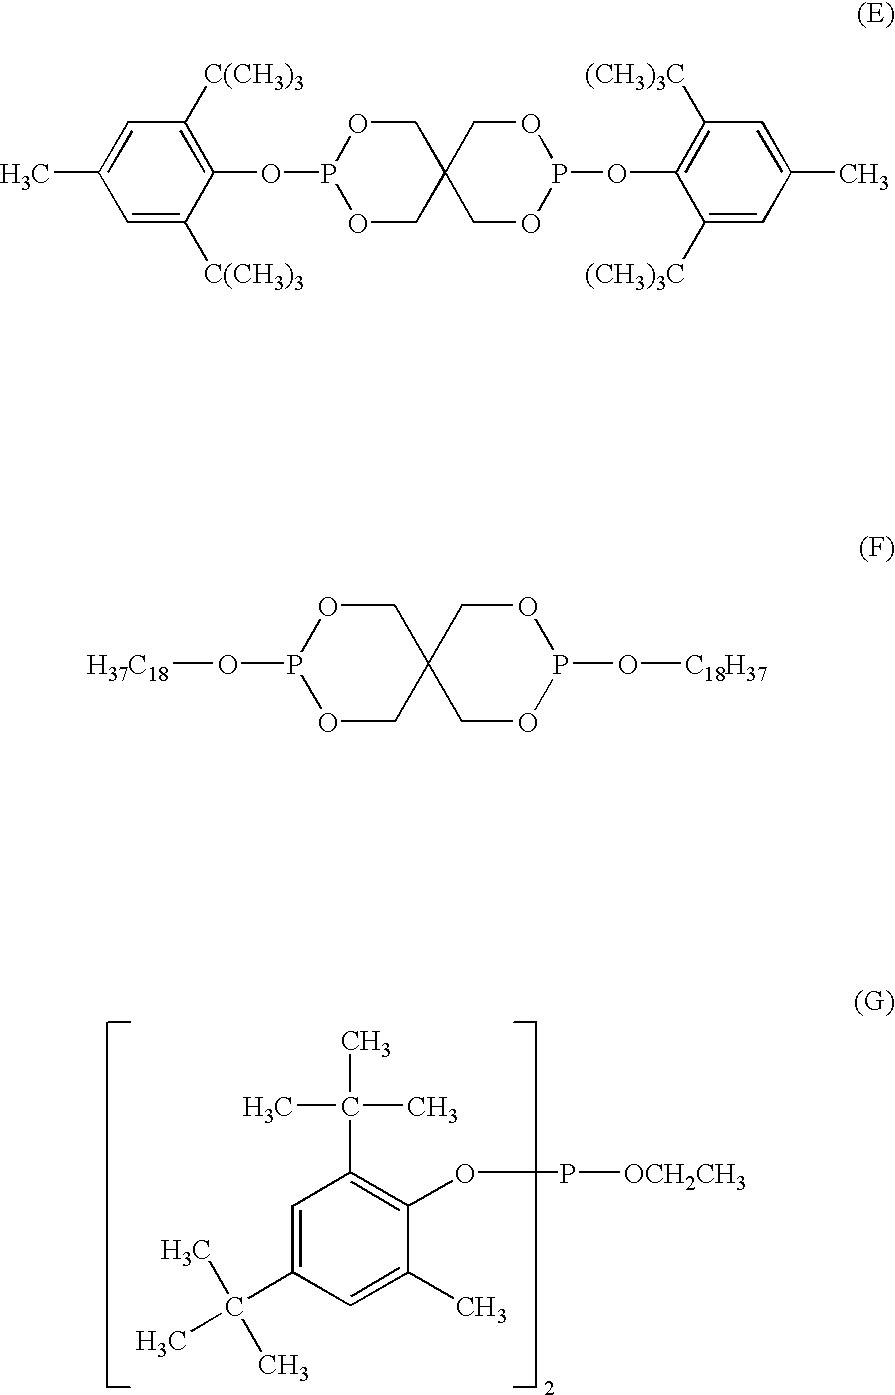 Figure US07947296-20110524-C00003